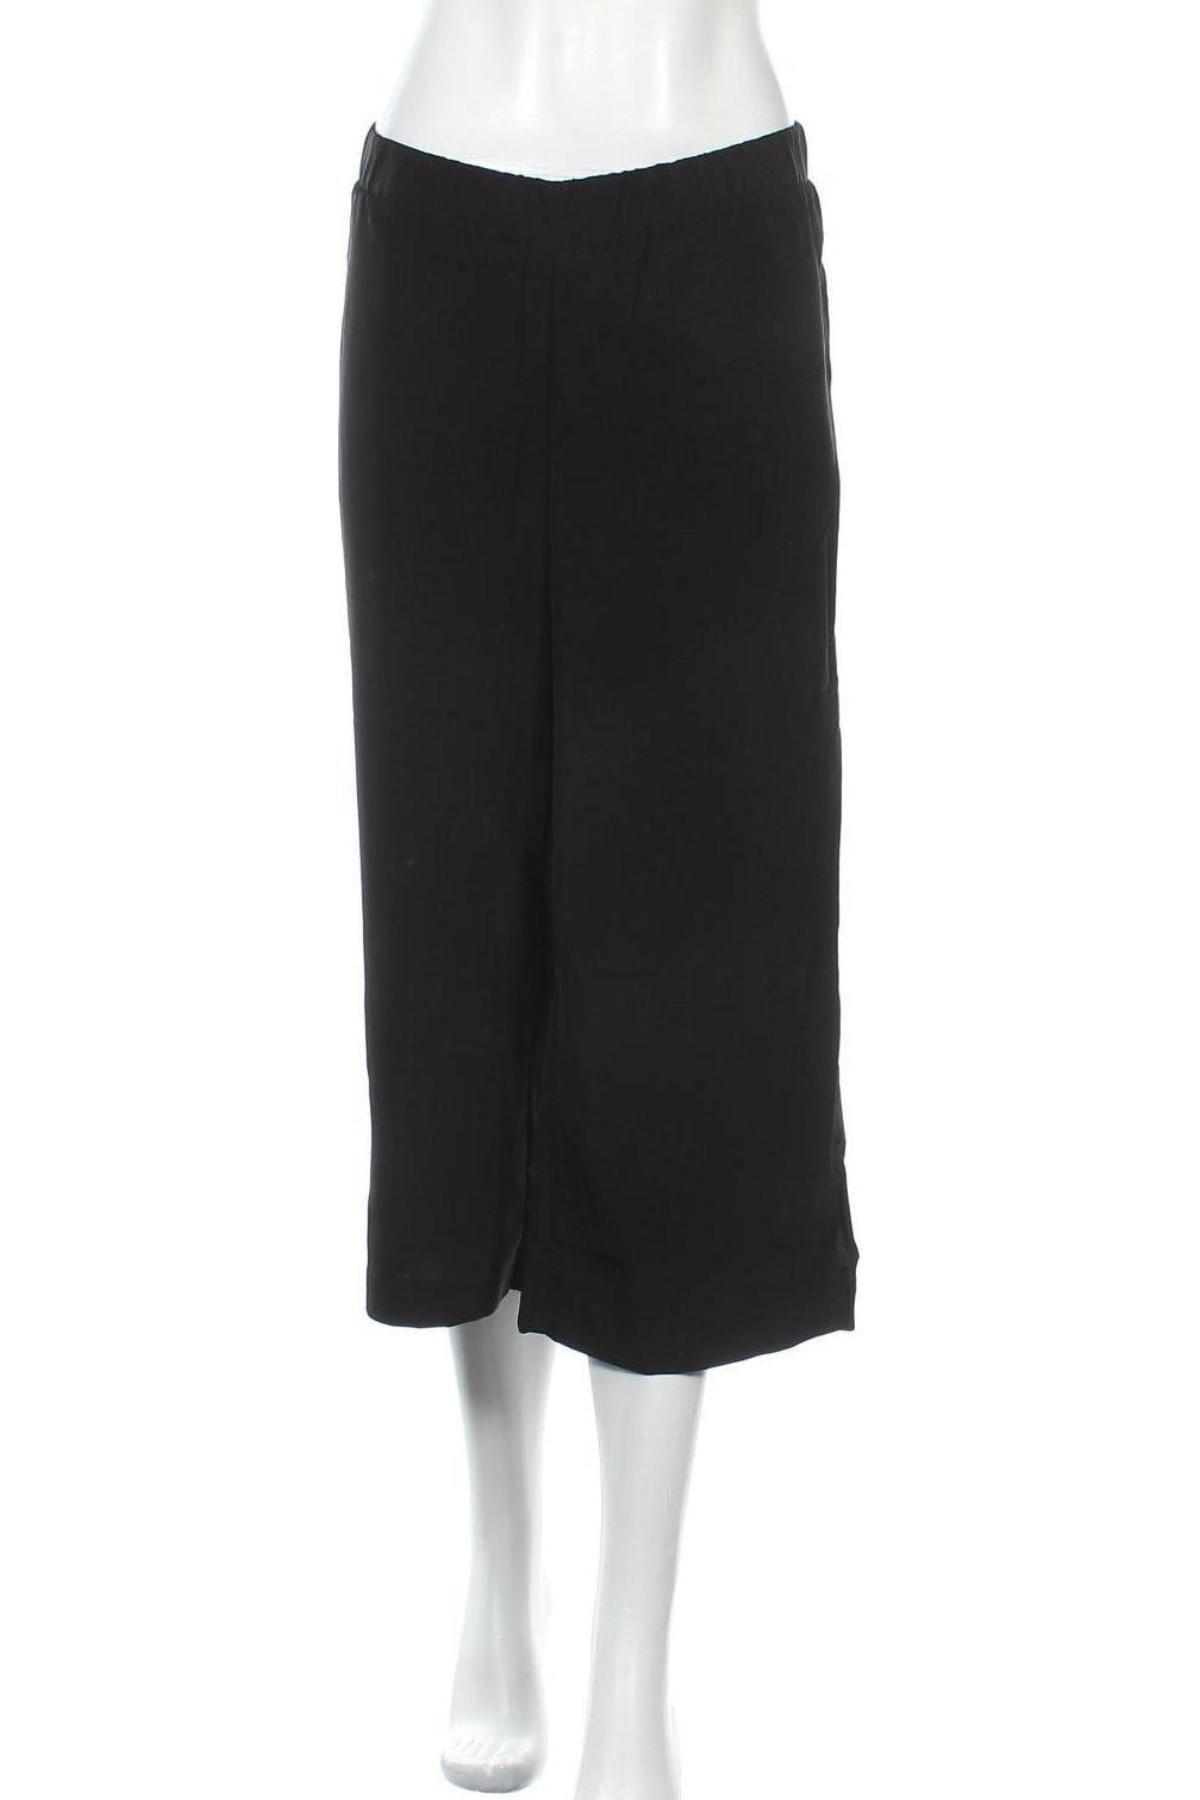 Dámské kalhoty  Mamalicious, Velikost M, Barva Černá, Polyester, Cena  300,00Kč